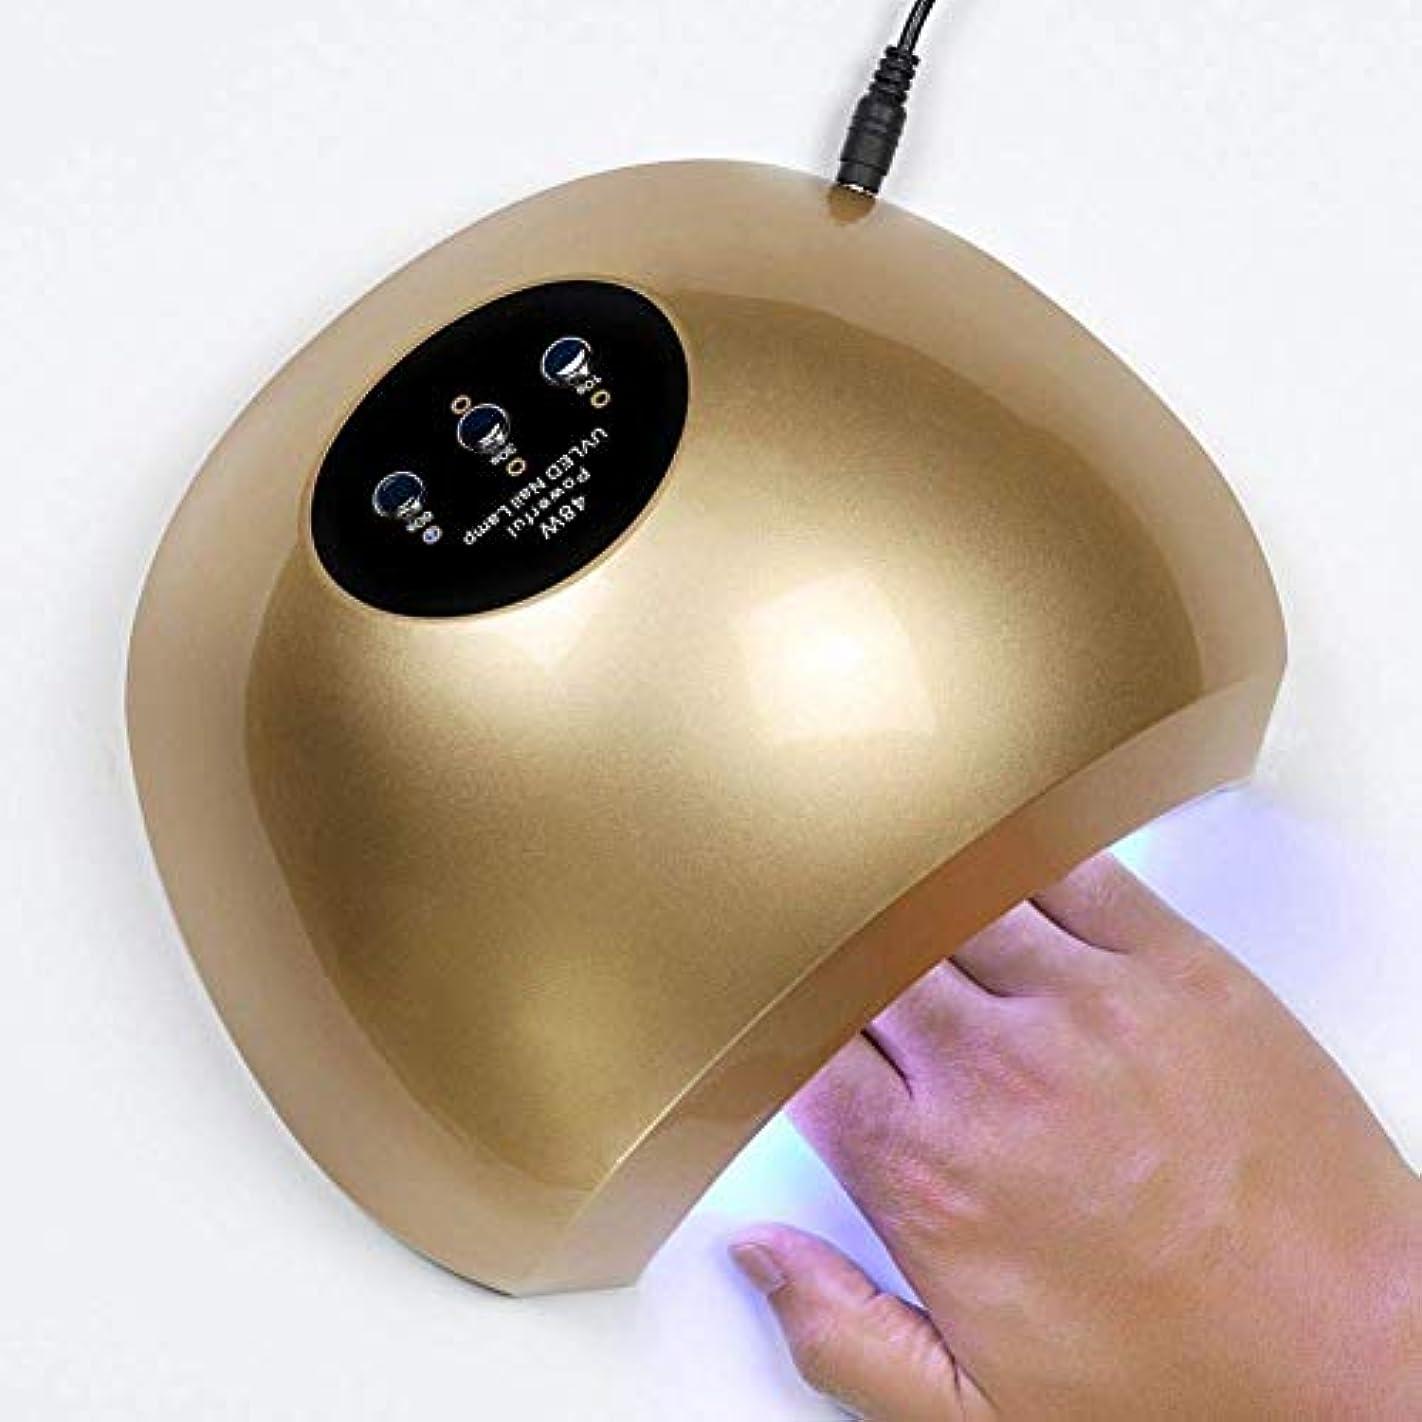 囚人スクリュー価値のないネイルドライヤー36W / 48W COSCELIA UV LEDランプマニキュアセンサー用LCDディスプレイ全てのゲル用ネイルポリッシュネイルアートツール、絵のように色